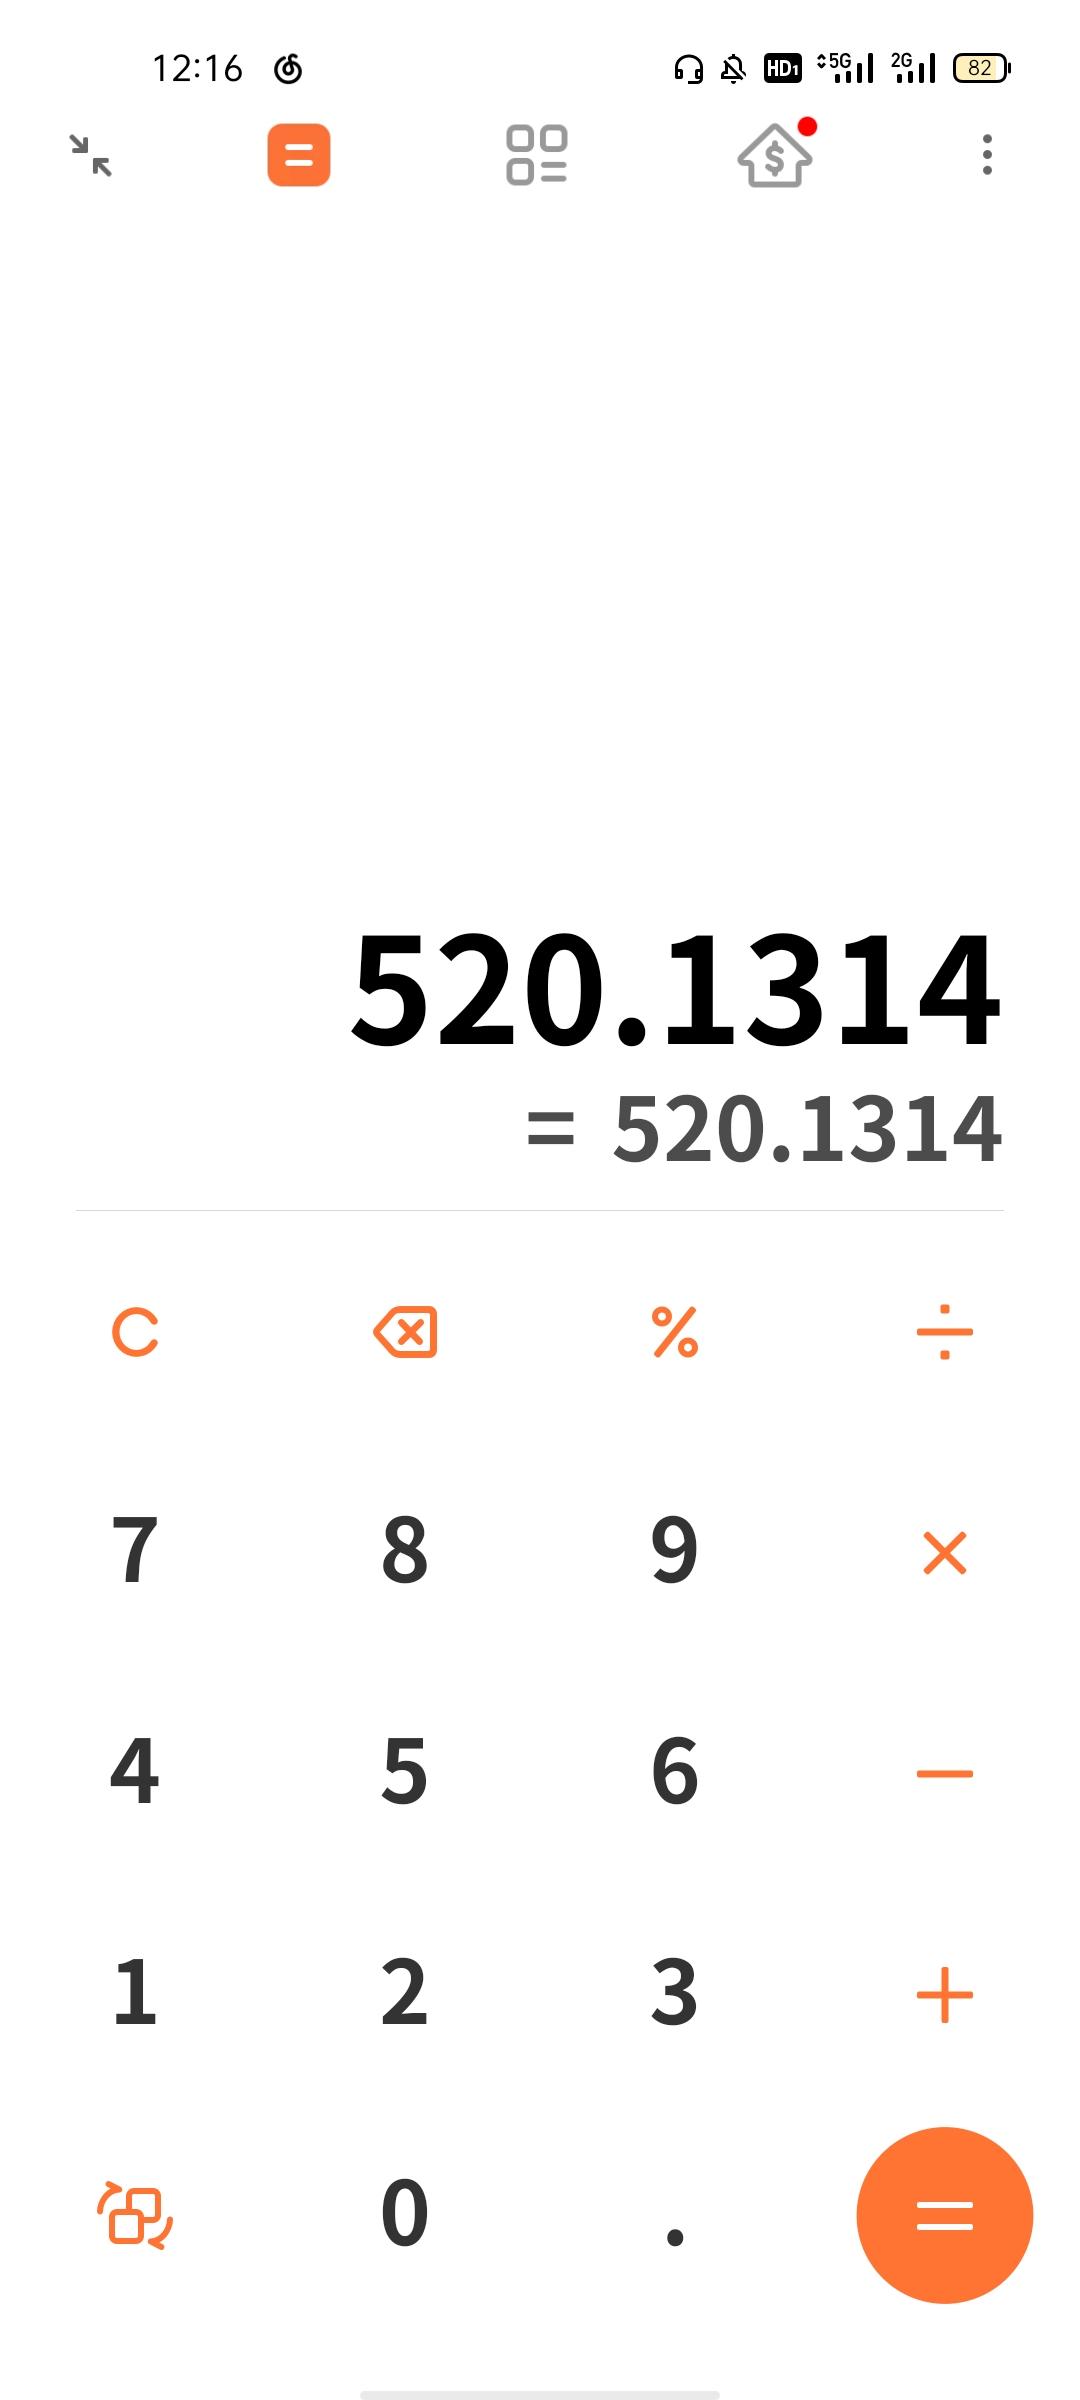 小米计算器(谷歌版)✰精简、去除无用功能